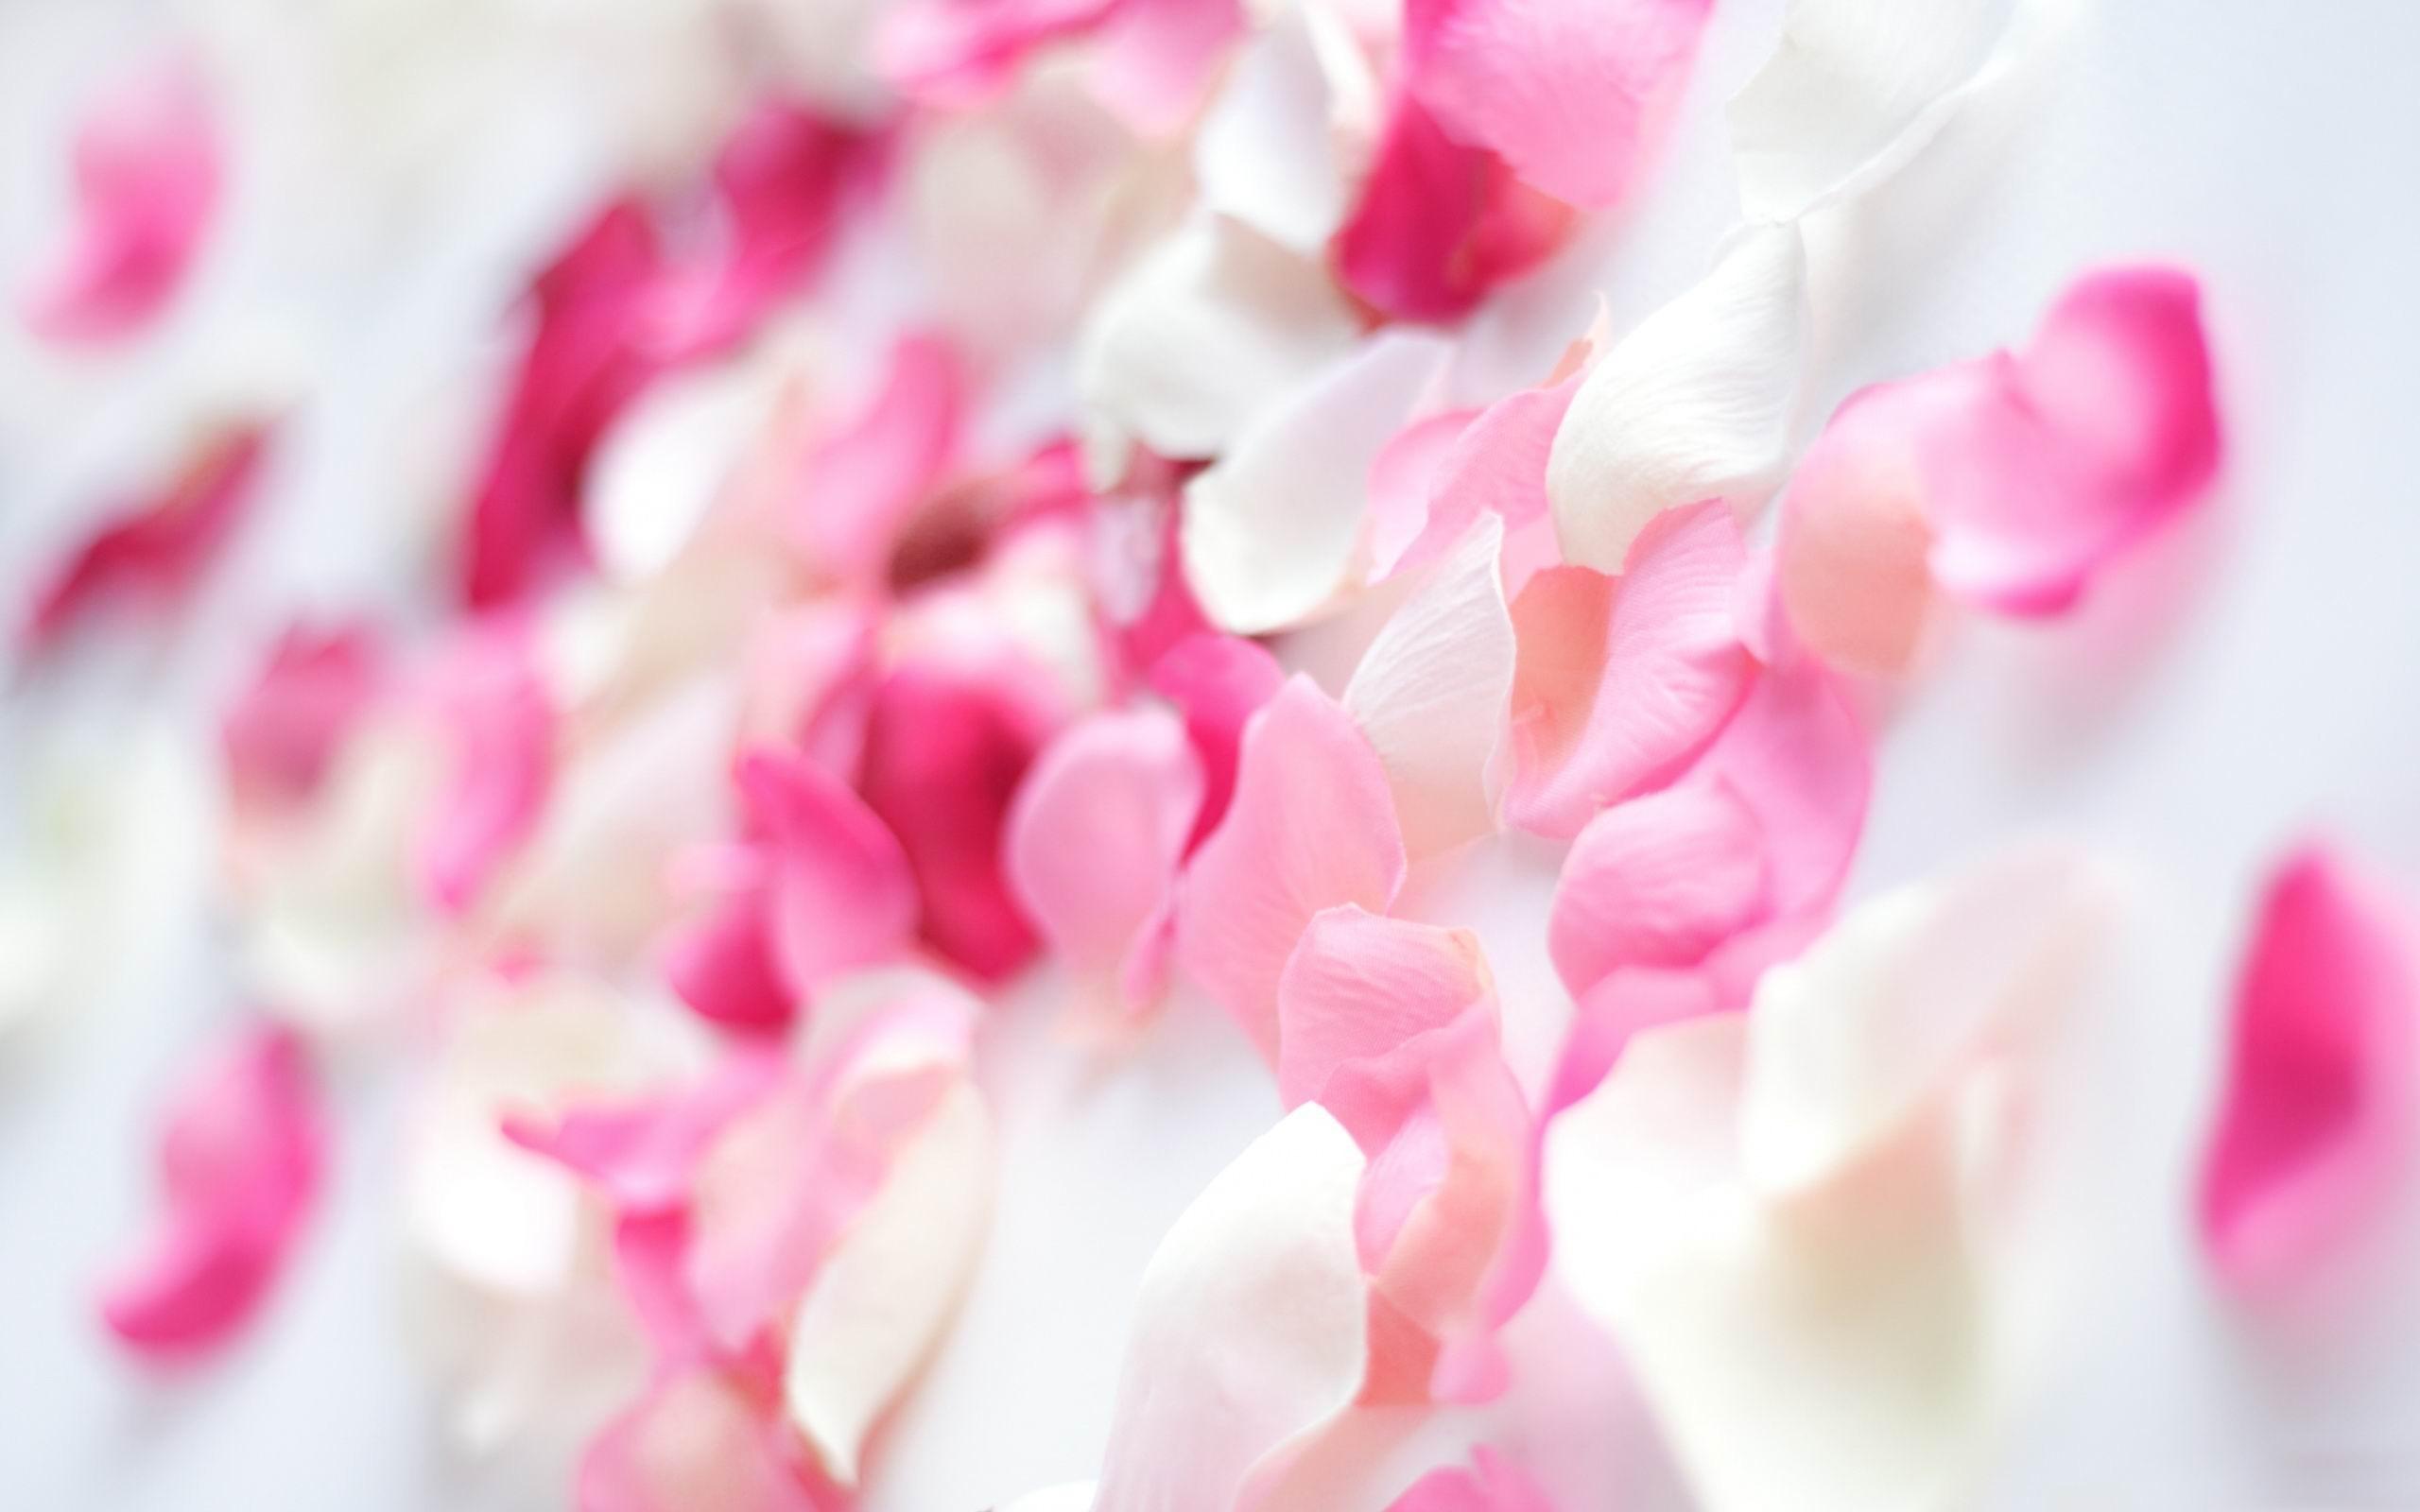 Pink Petals Plants Hd Photo Wallpaper Preview 10wallpaper Com